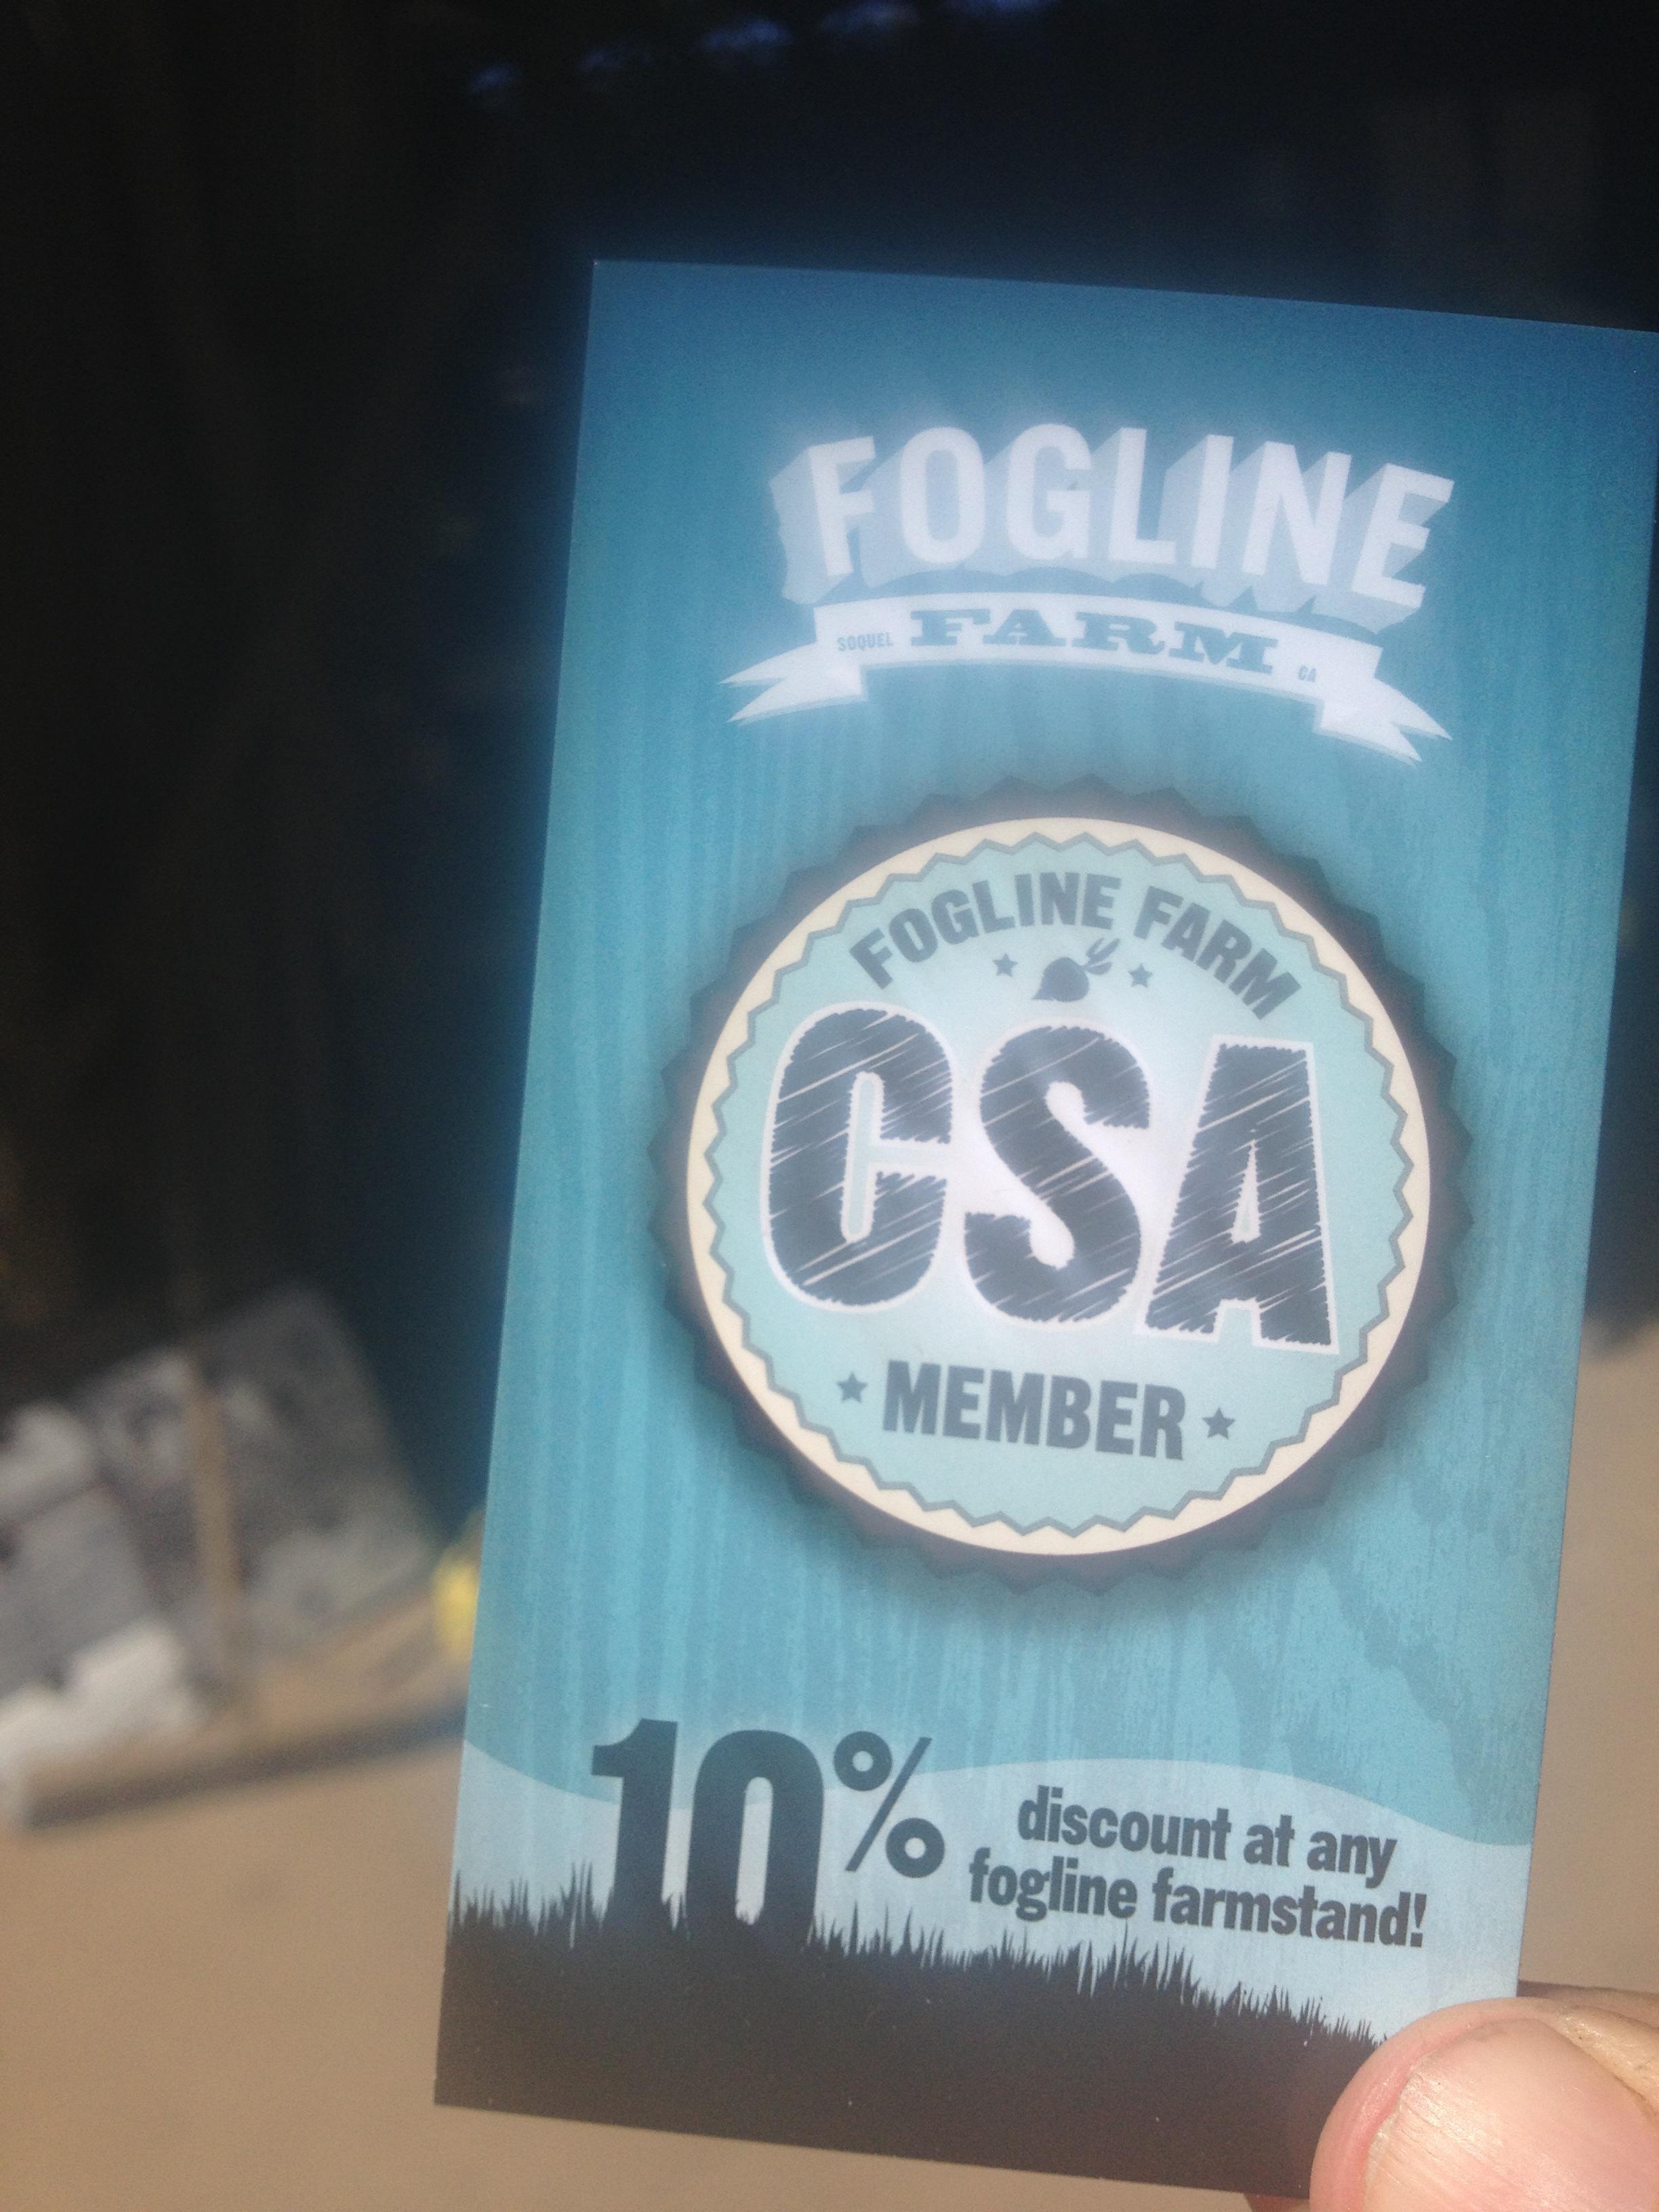 Fogline Member Cards.